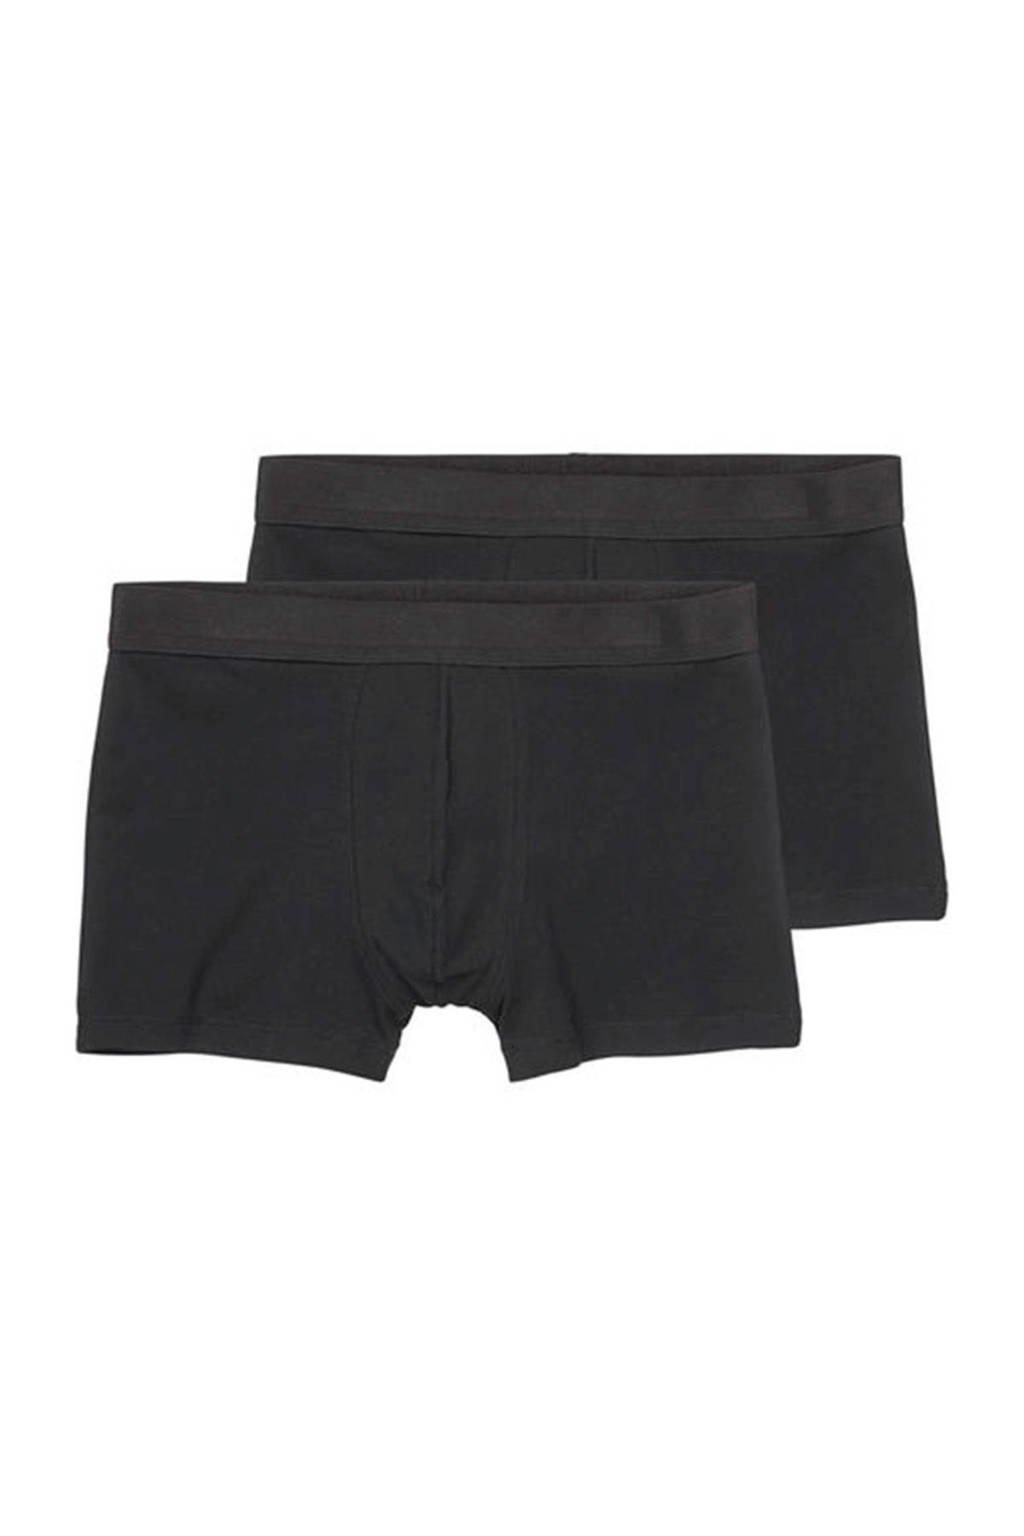 HEMA boxershort (set van 2) zwart, Zwart